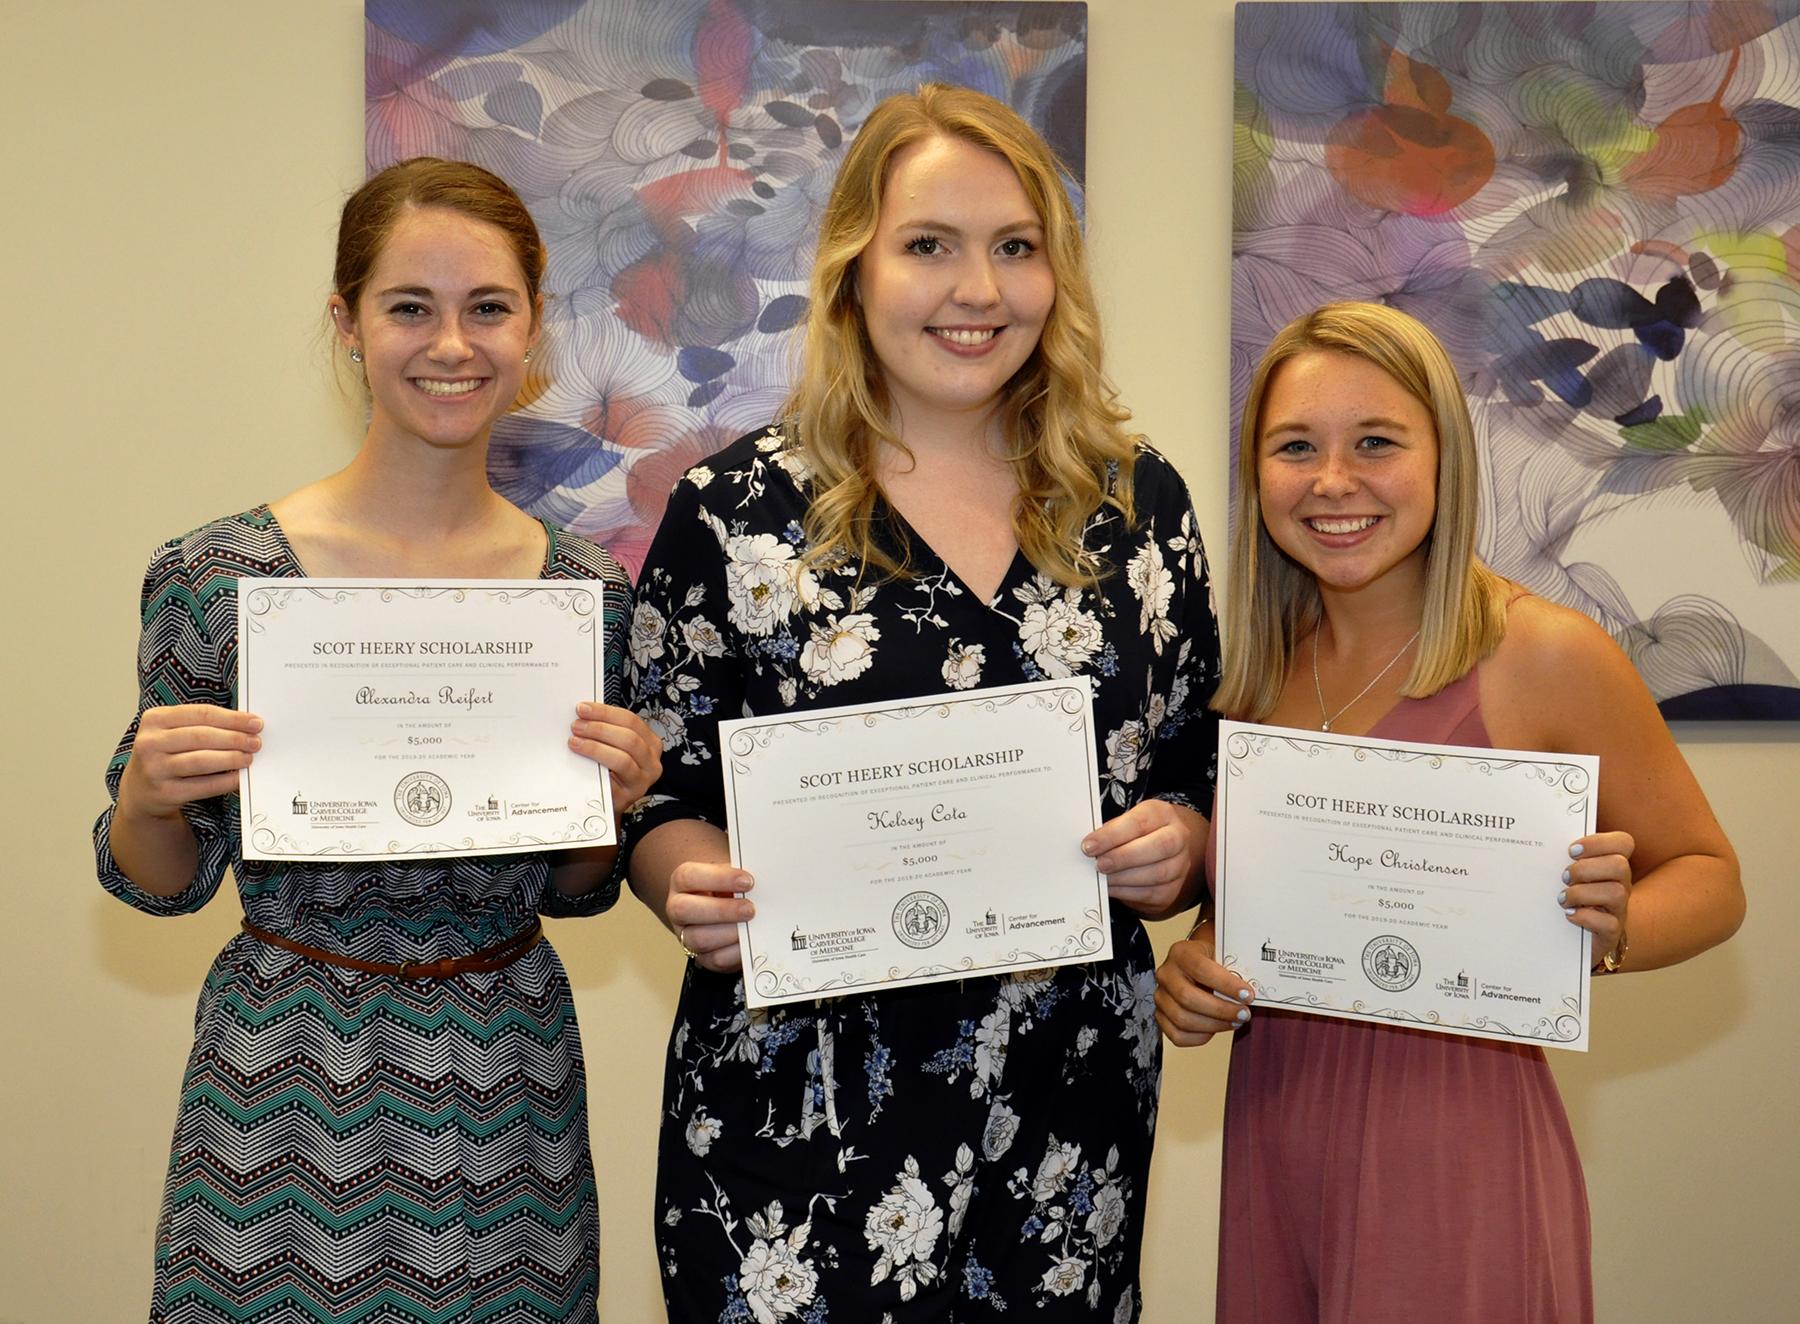 2019 Scot Heery Scholarship Award Recipients